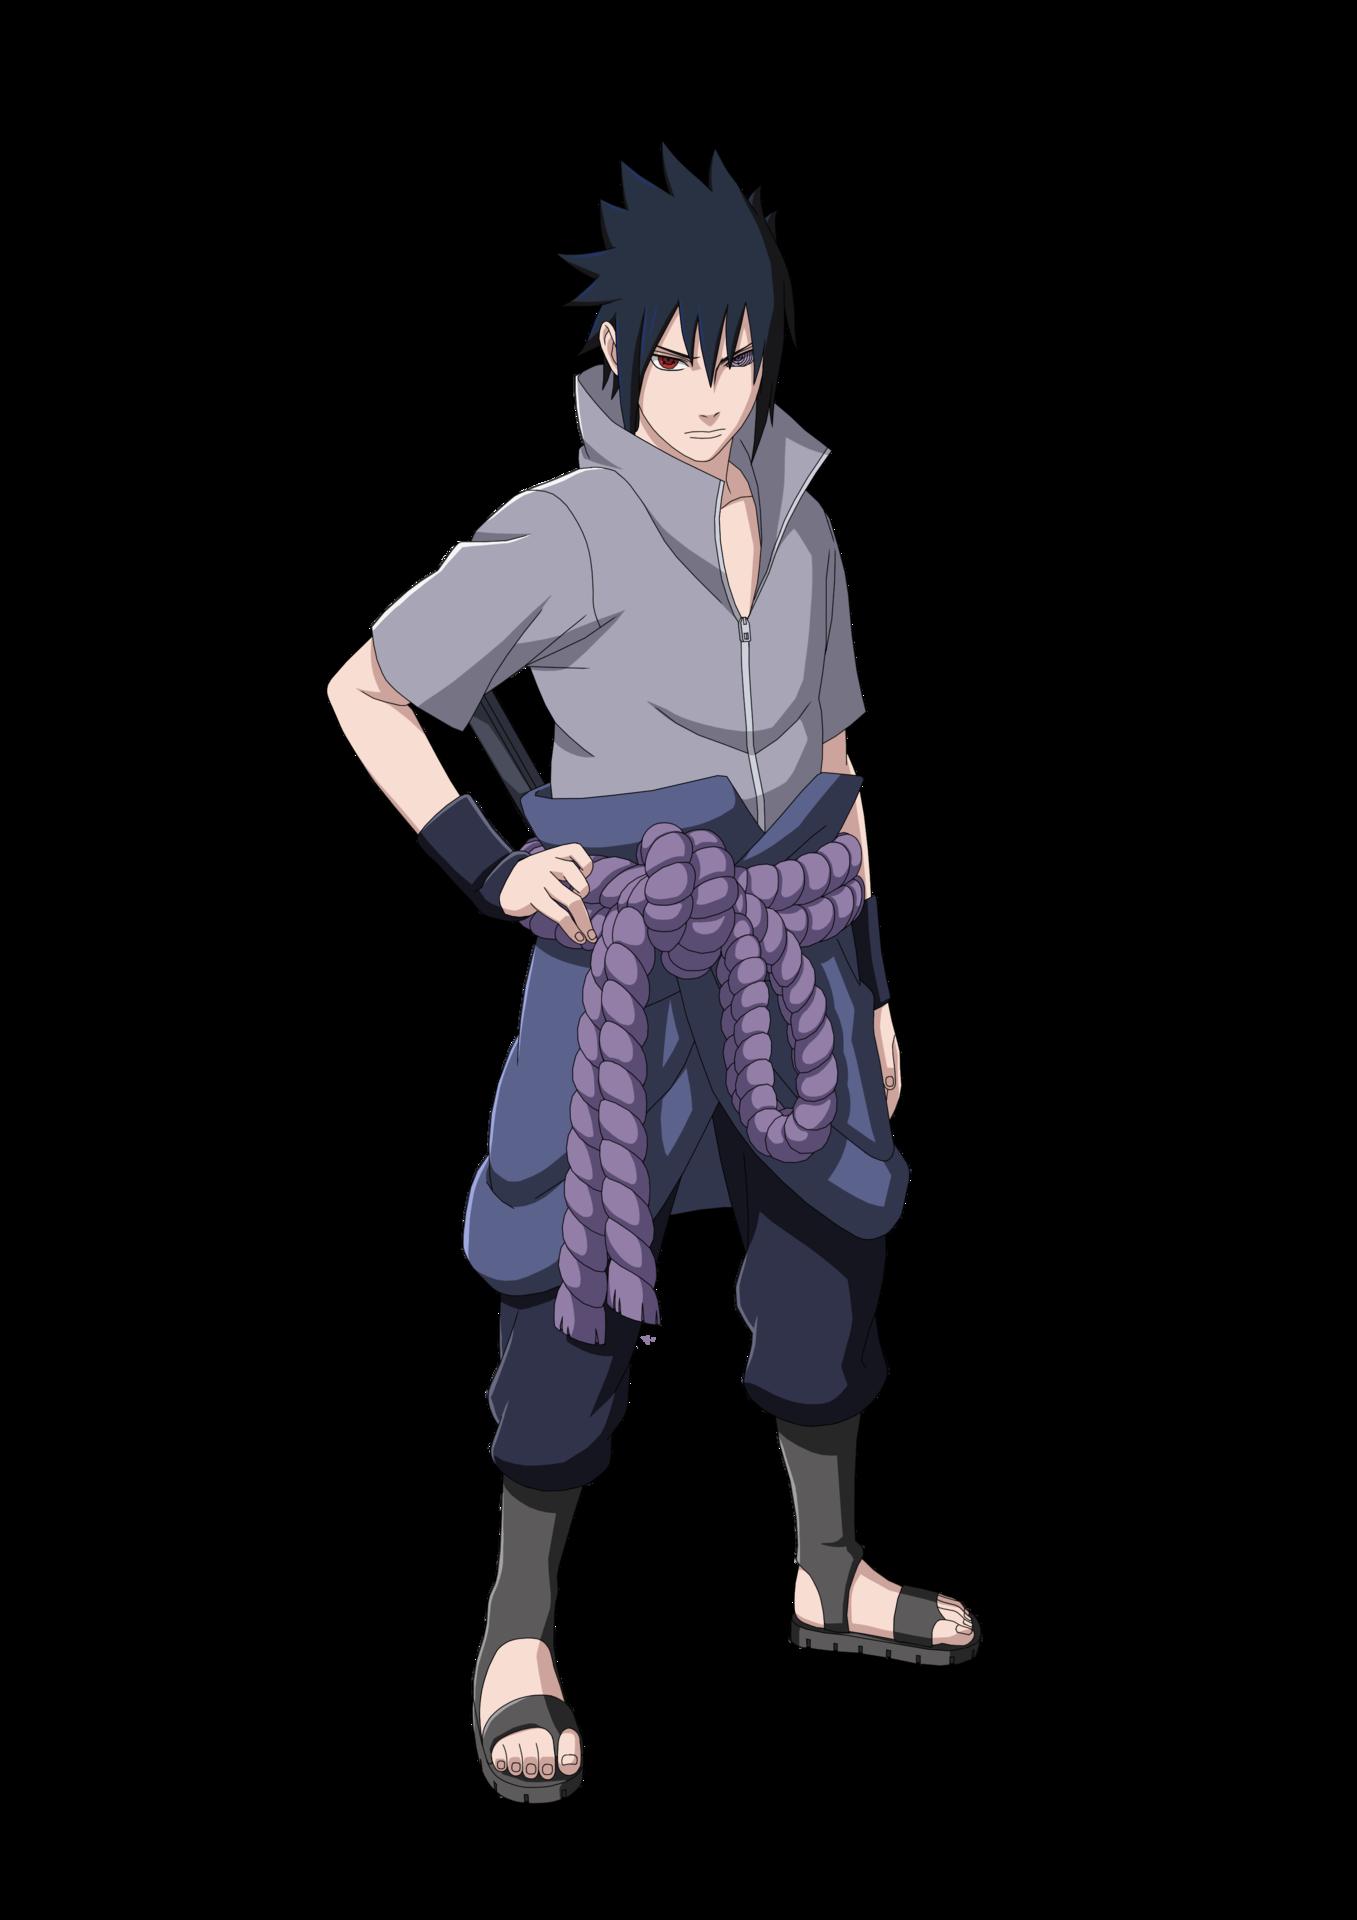 Sasuke vs Yhwach - Battles - Comic Vine - Sasuke Cartoon